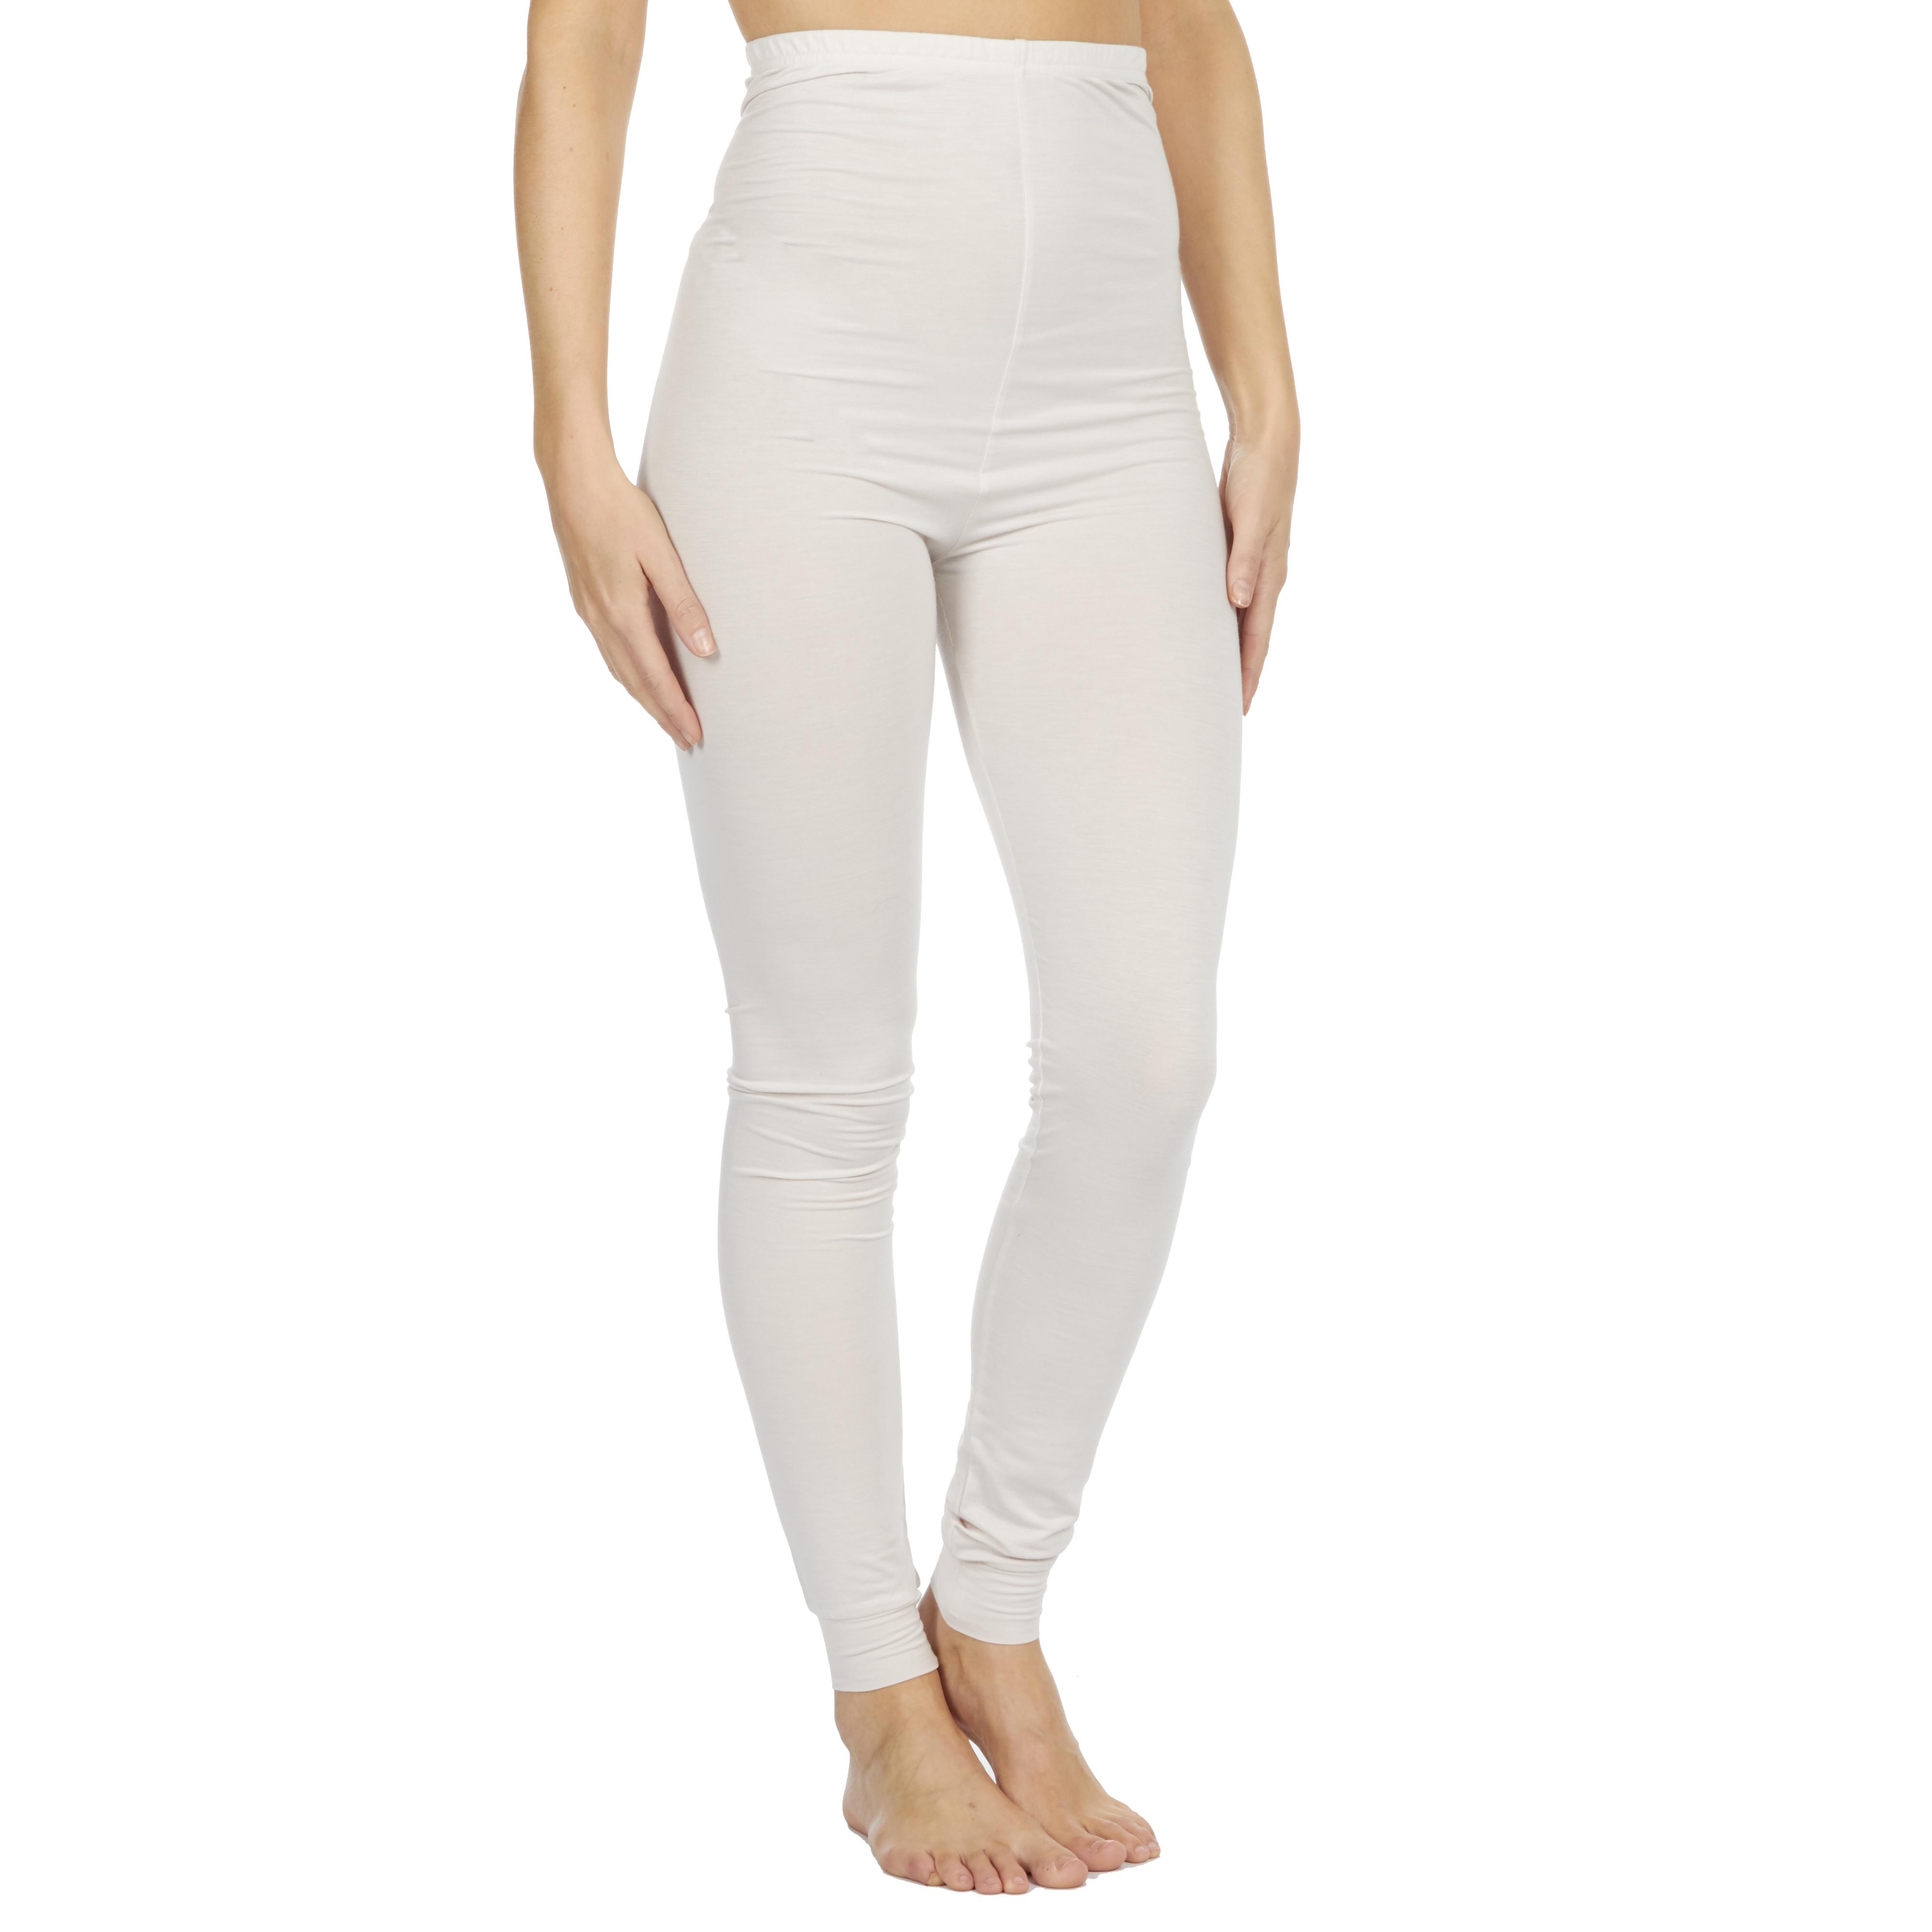 Ladies Ex Store Cream Heat Retaining Thermal Leggings Sizes S M L